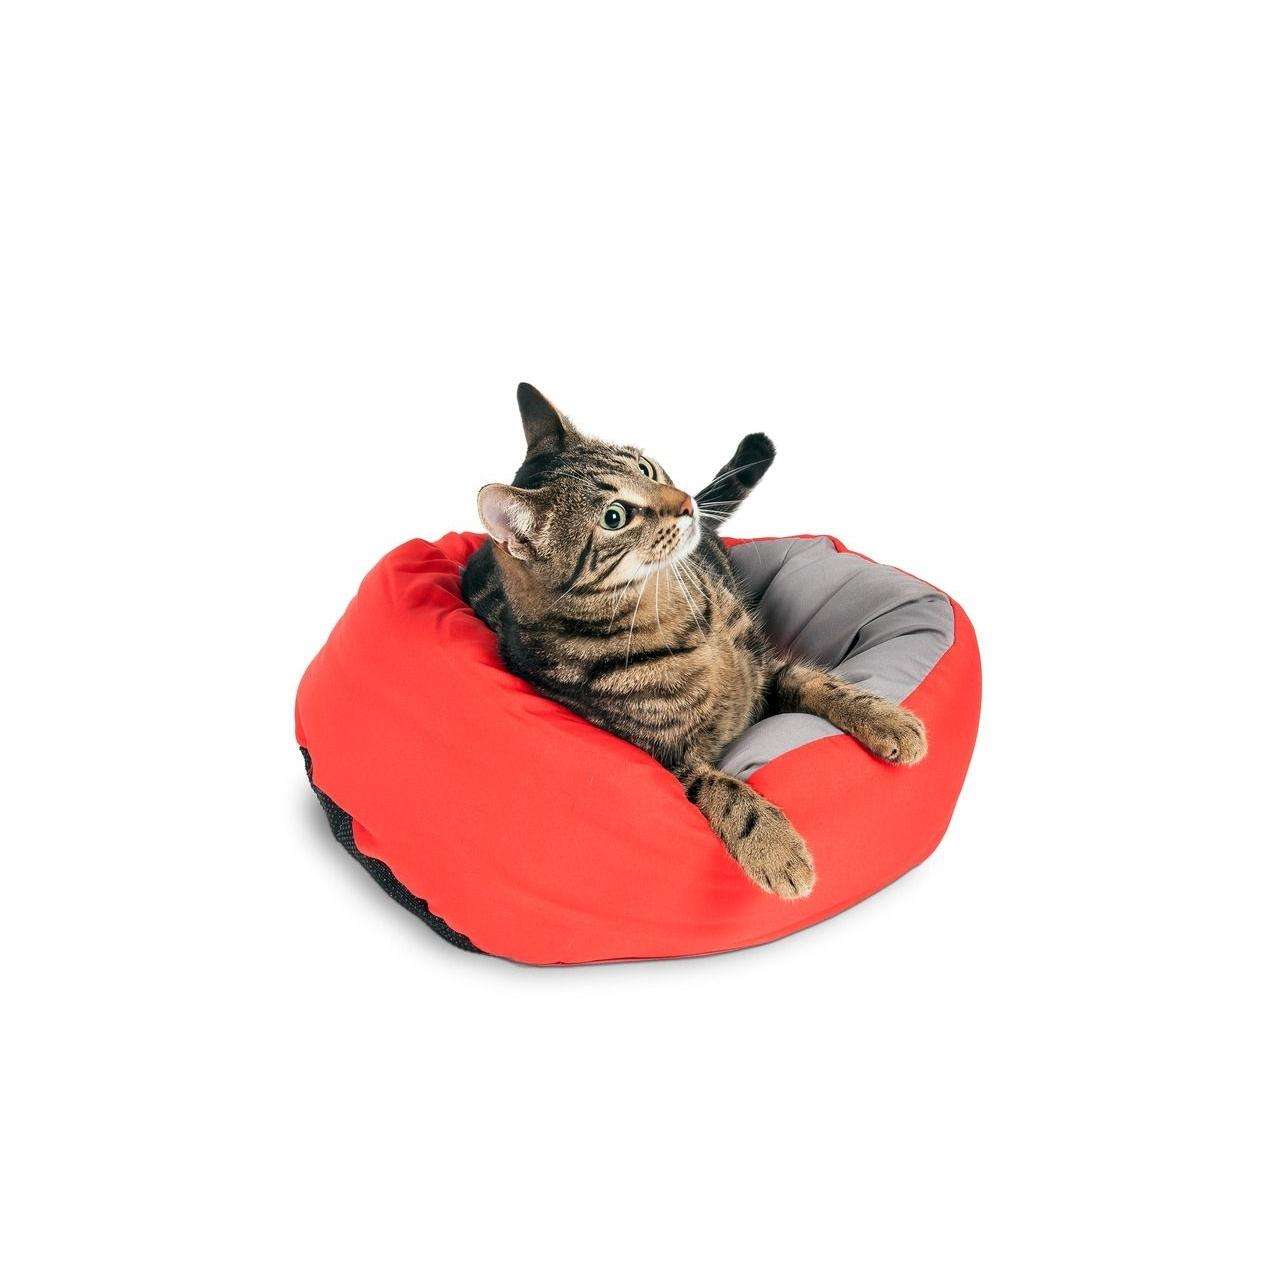 Karlie Simon's Cat Katzenbett, Bild 2